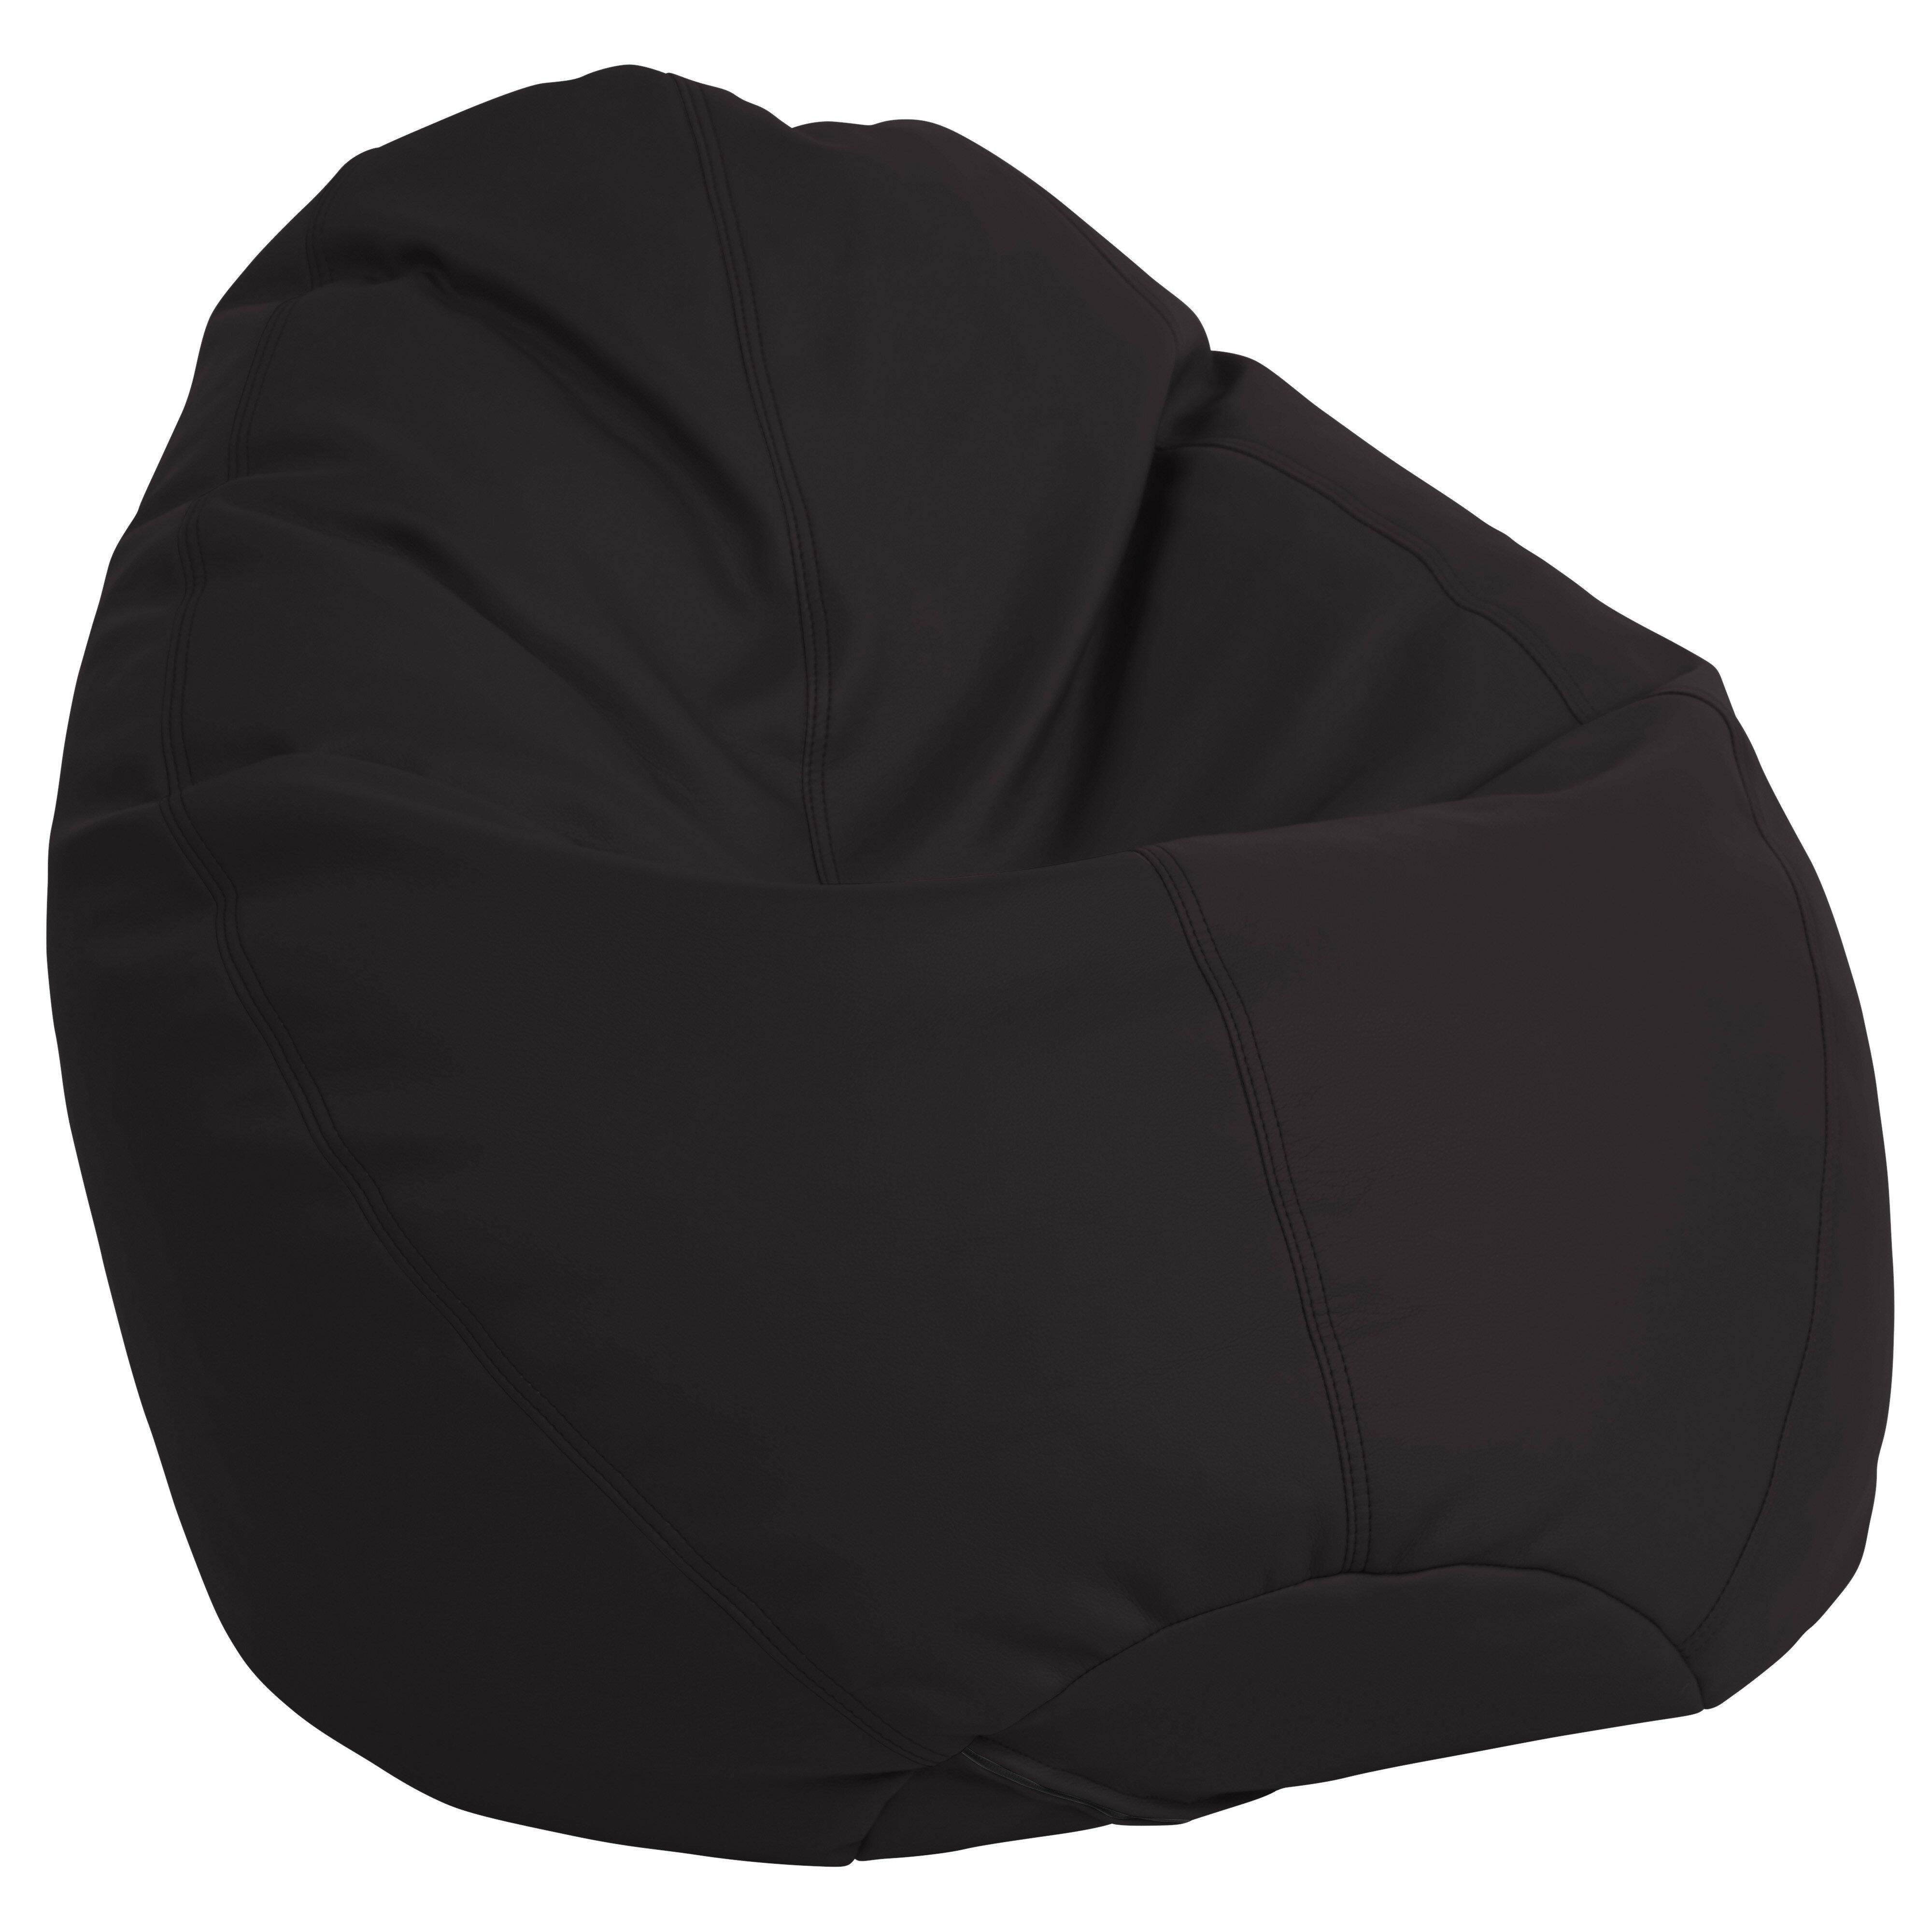 Wondrous Softscape Dew Drop Bean Bag Chair Short Links Chair Design For Home Short Linksinfo